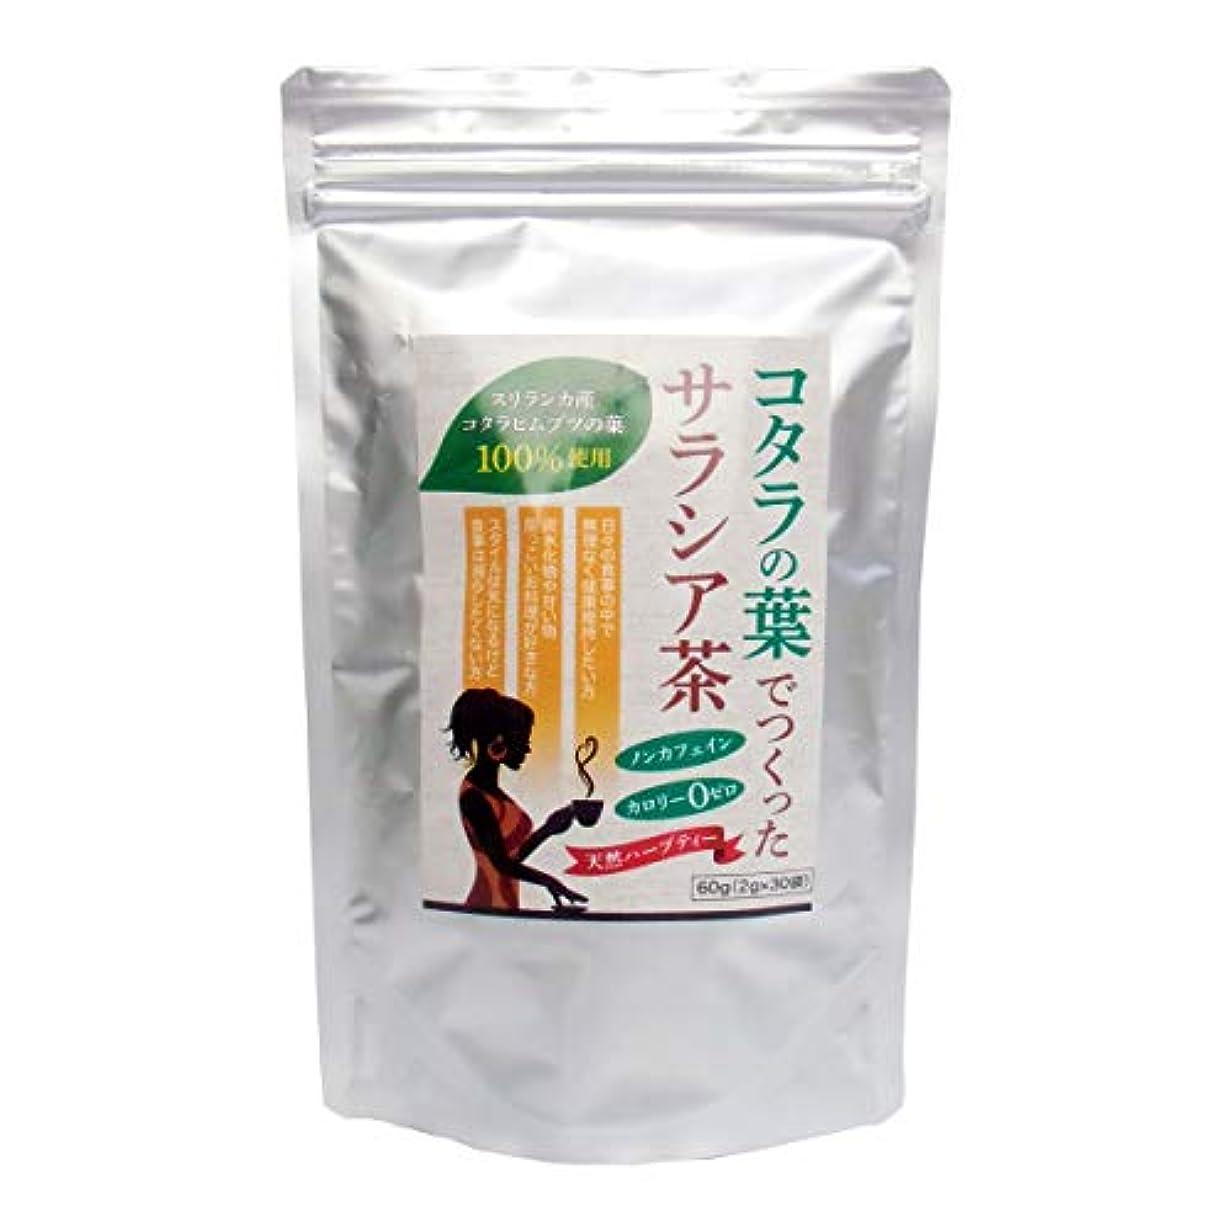 非互換不従順折る【初回限定お試し価格】コタラの葉でつくったサラシア茶 (茶葉タイプ) 60g (2g×30袋)